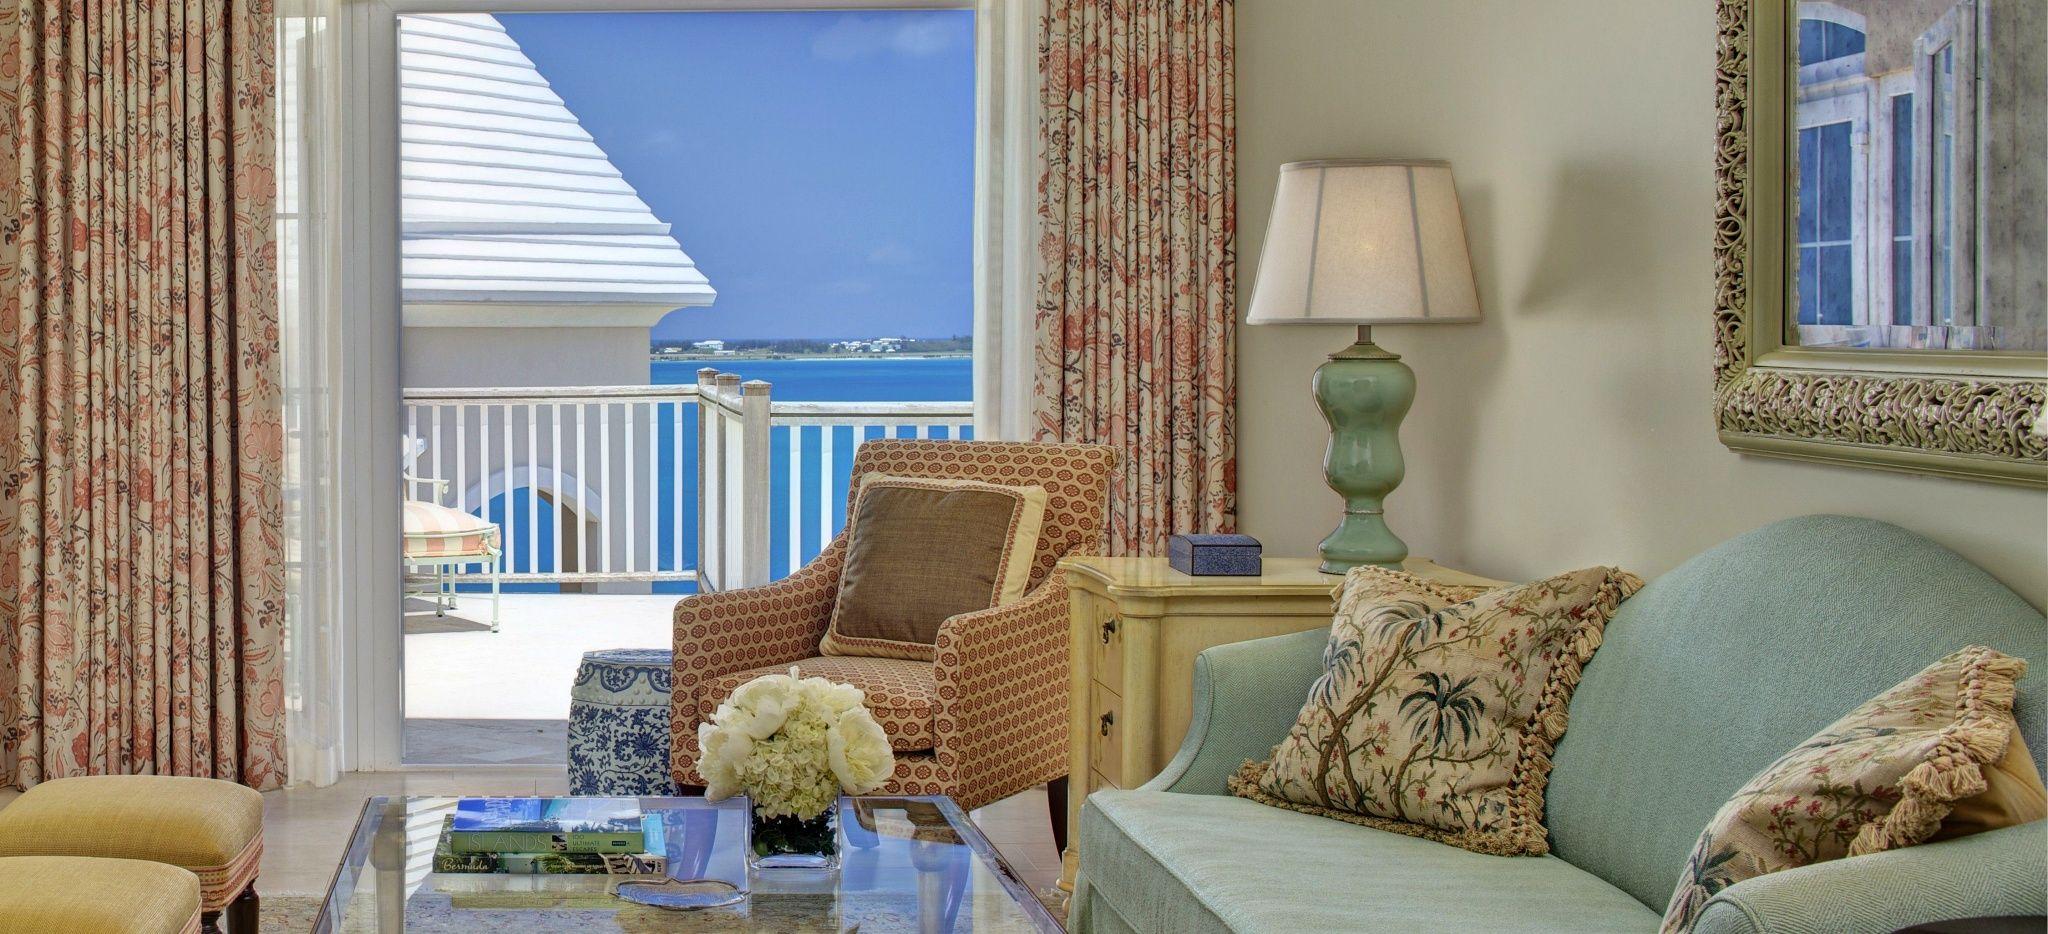 """Ein Hell eingerichtetes Wohnzimmer einer """"Manor House Suite"""" im Hotel Tucker's Point auf den Bermudas"""